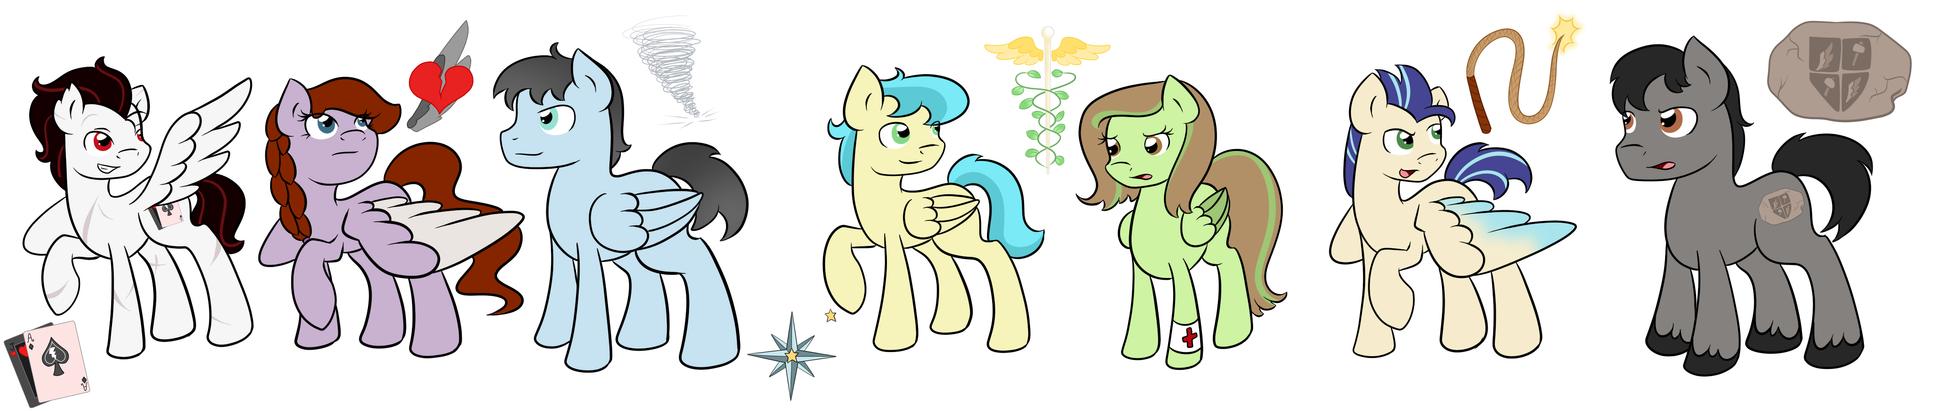 Weather Ponies Pt. 2 by Fairiegirl101